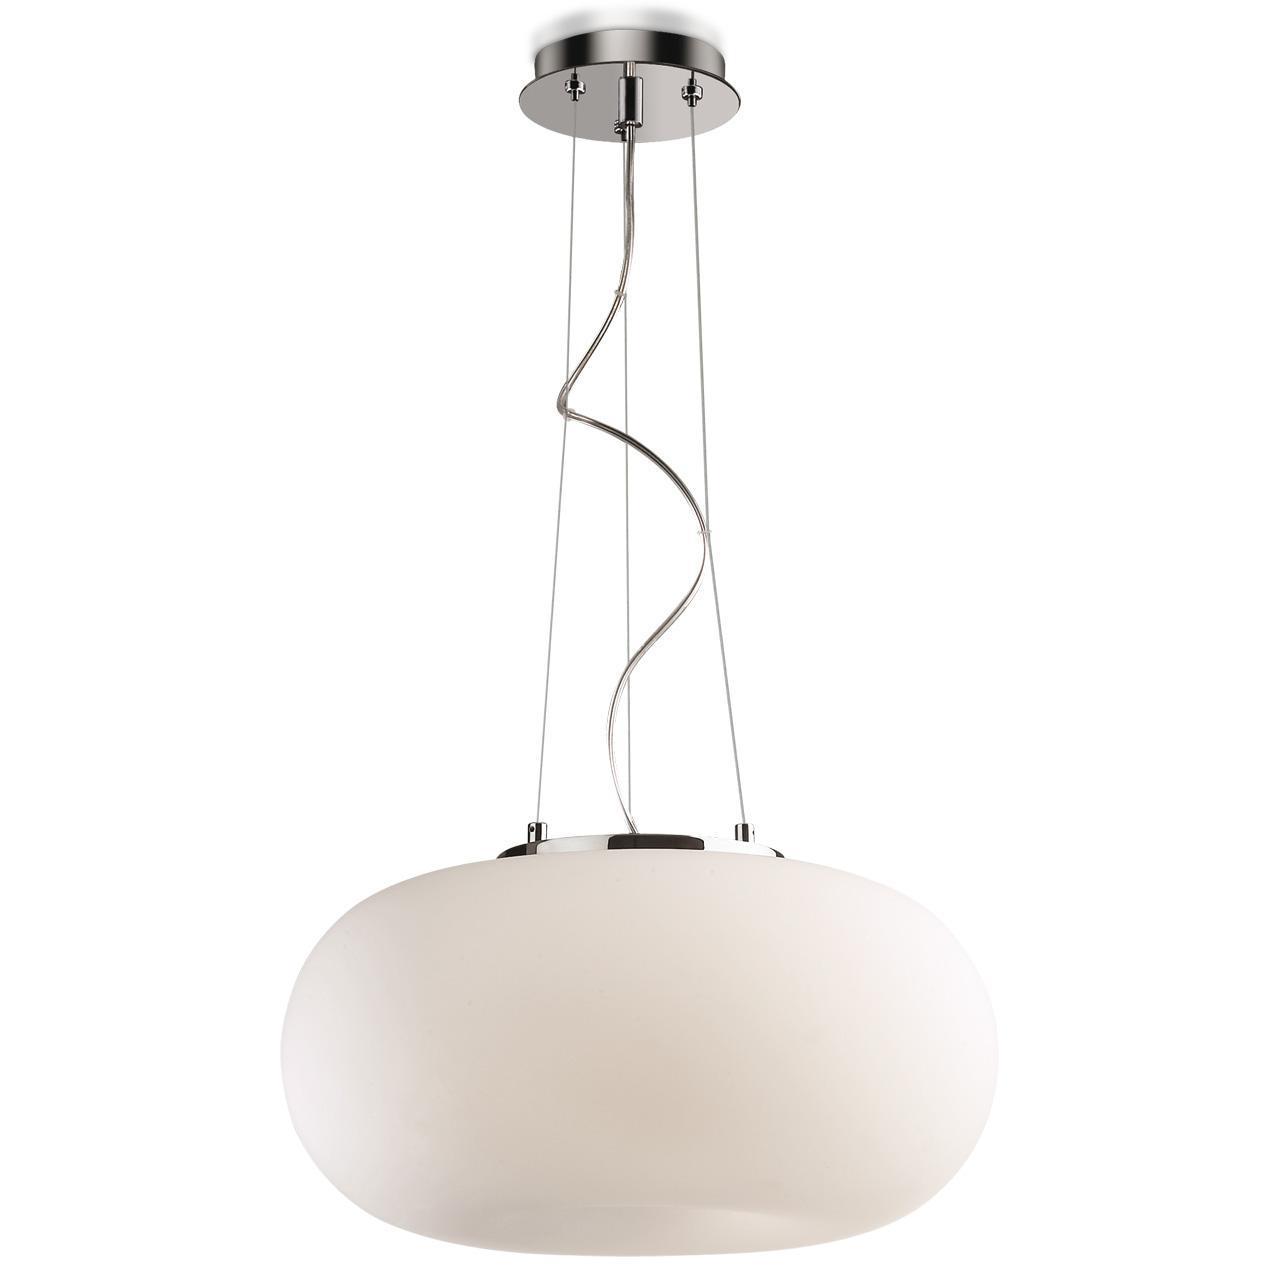 Подвесной светильник Odeon Light Pati 2205/3B odeon light накладной светильник pati 2205 3c